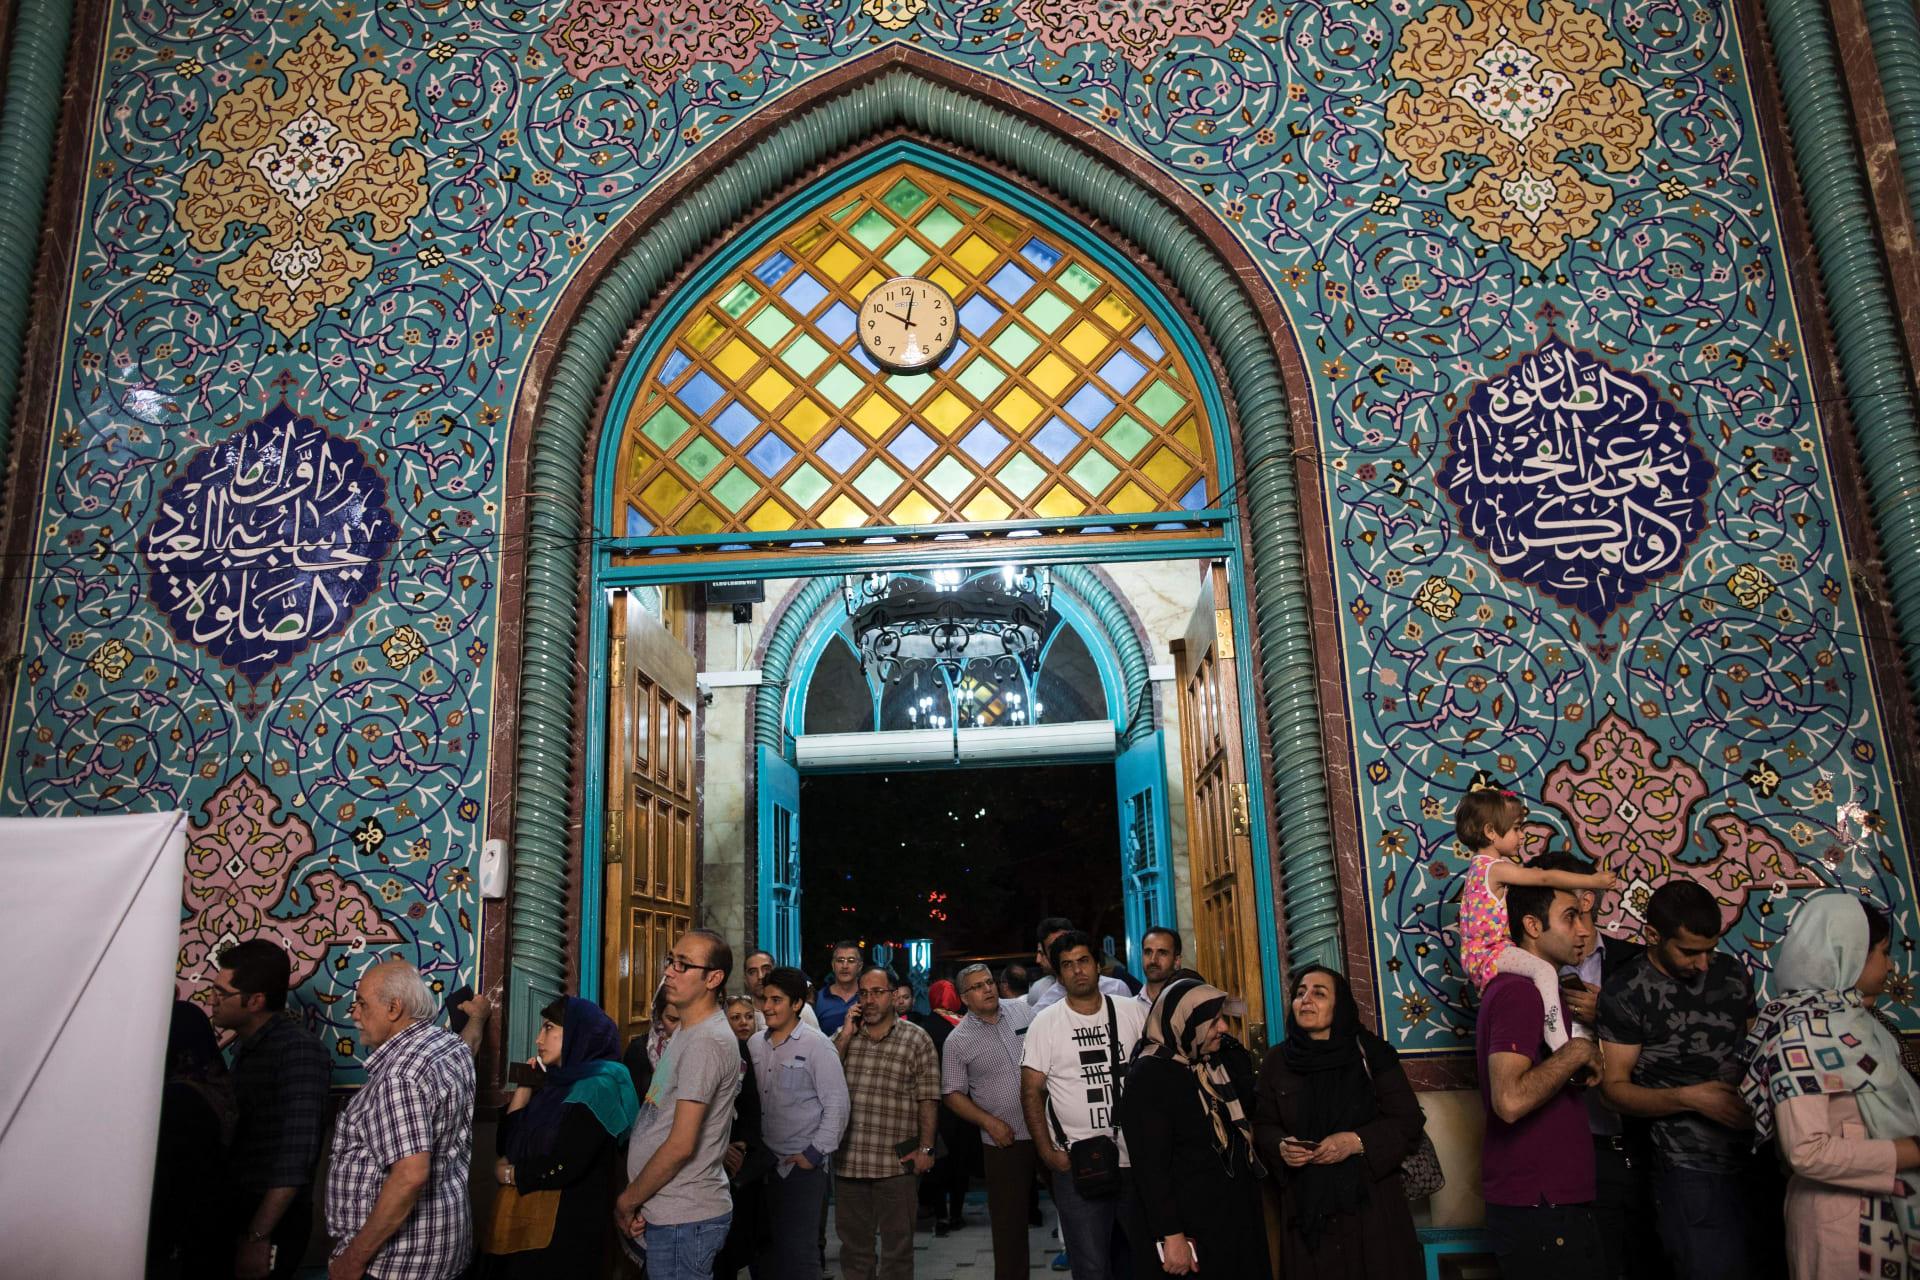 إيران: انتهاء التصويت في الانتخابات الرئاسية وبدء فرز الأصوات